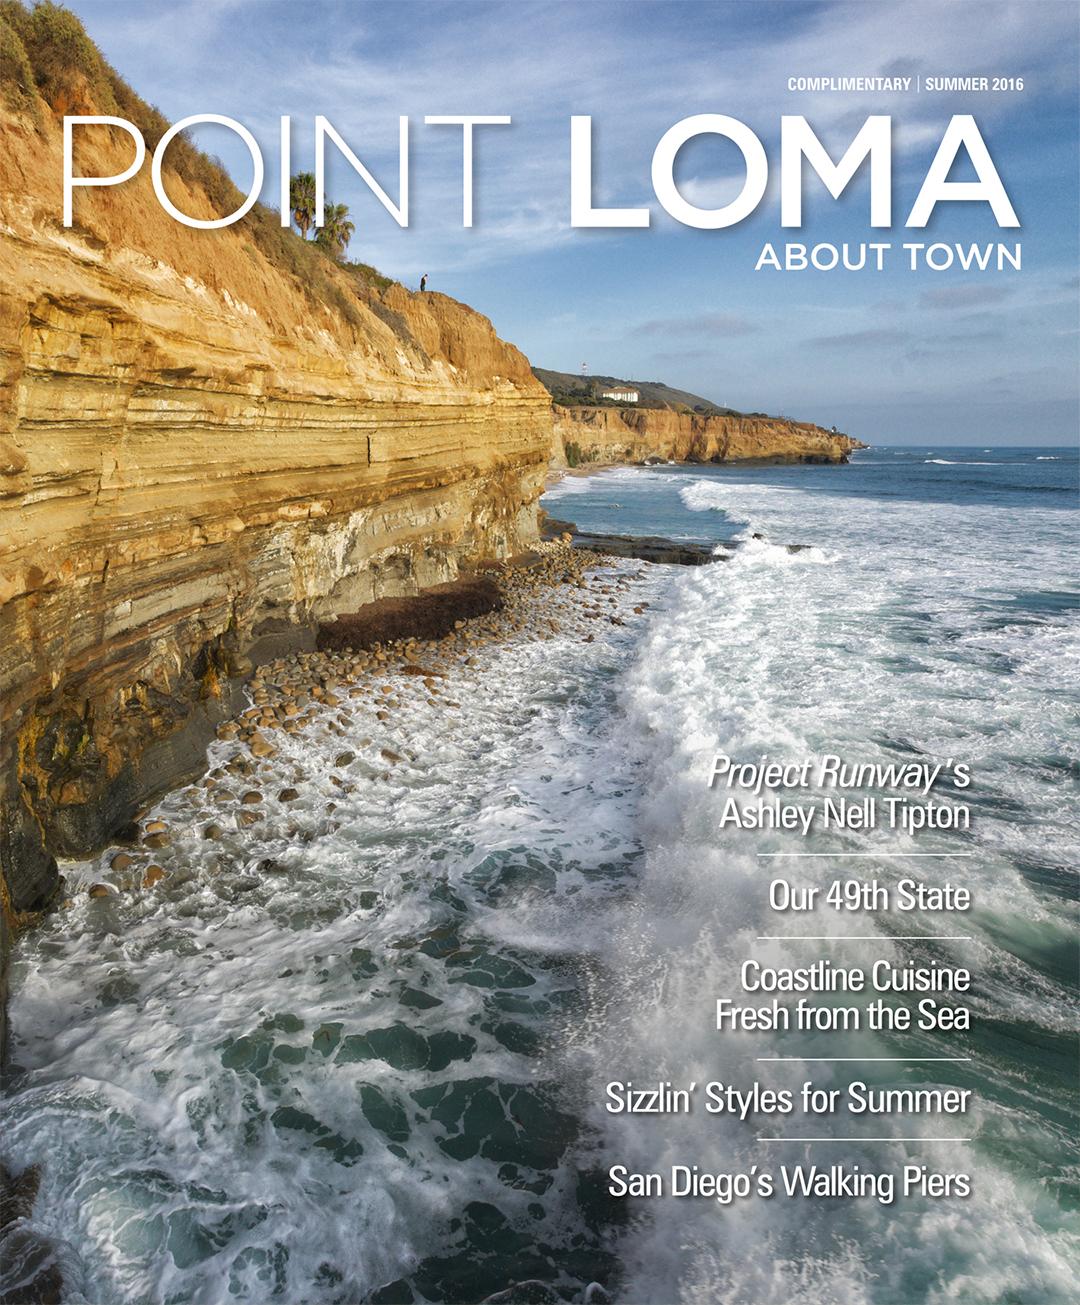 PointLoma